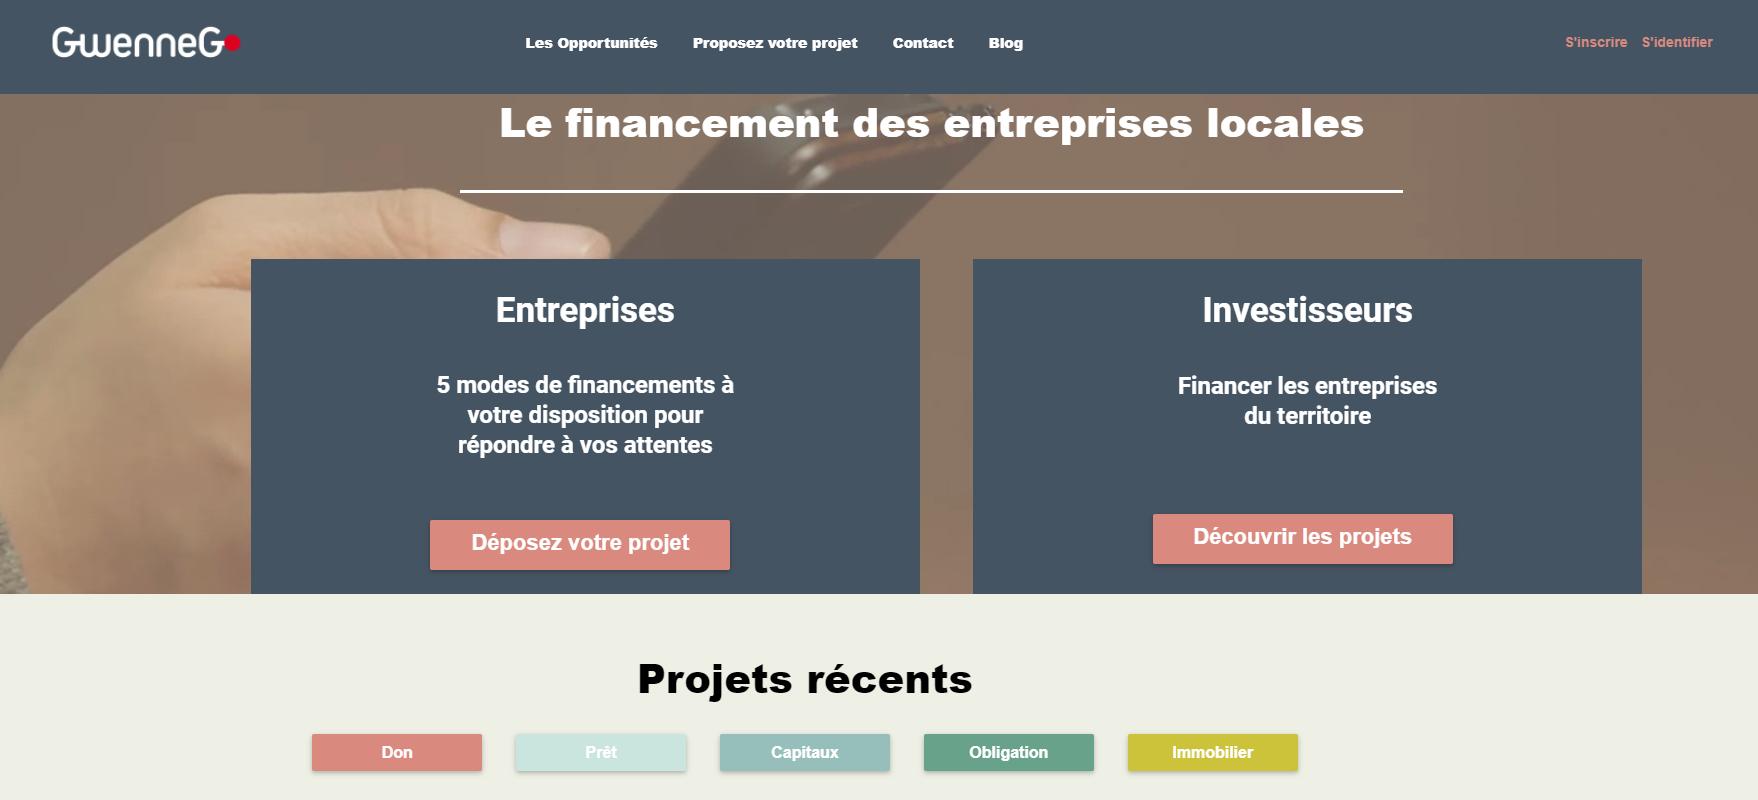 Rencontre avec Karim Essemiani fondateur de la plateforme de financement participatif de la région Bretagne Gwenneg